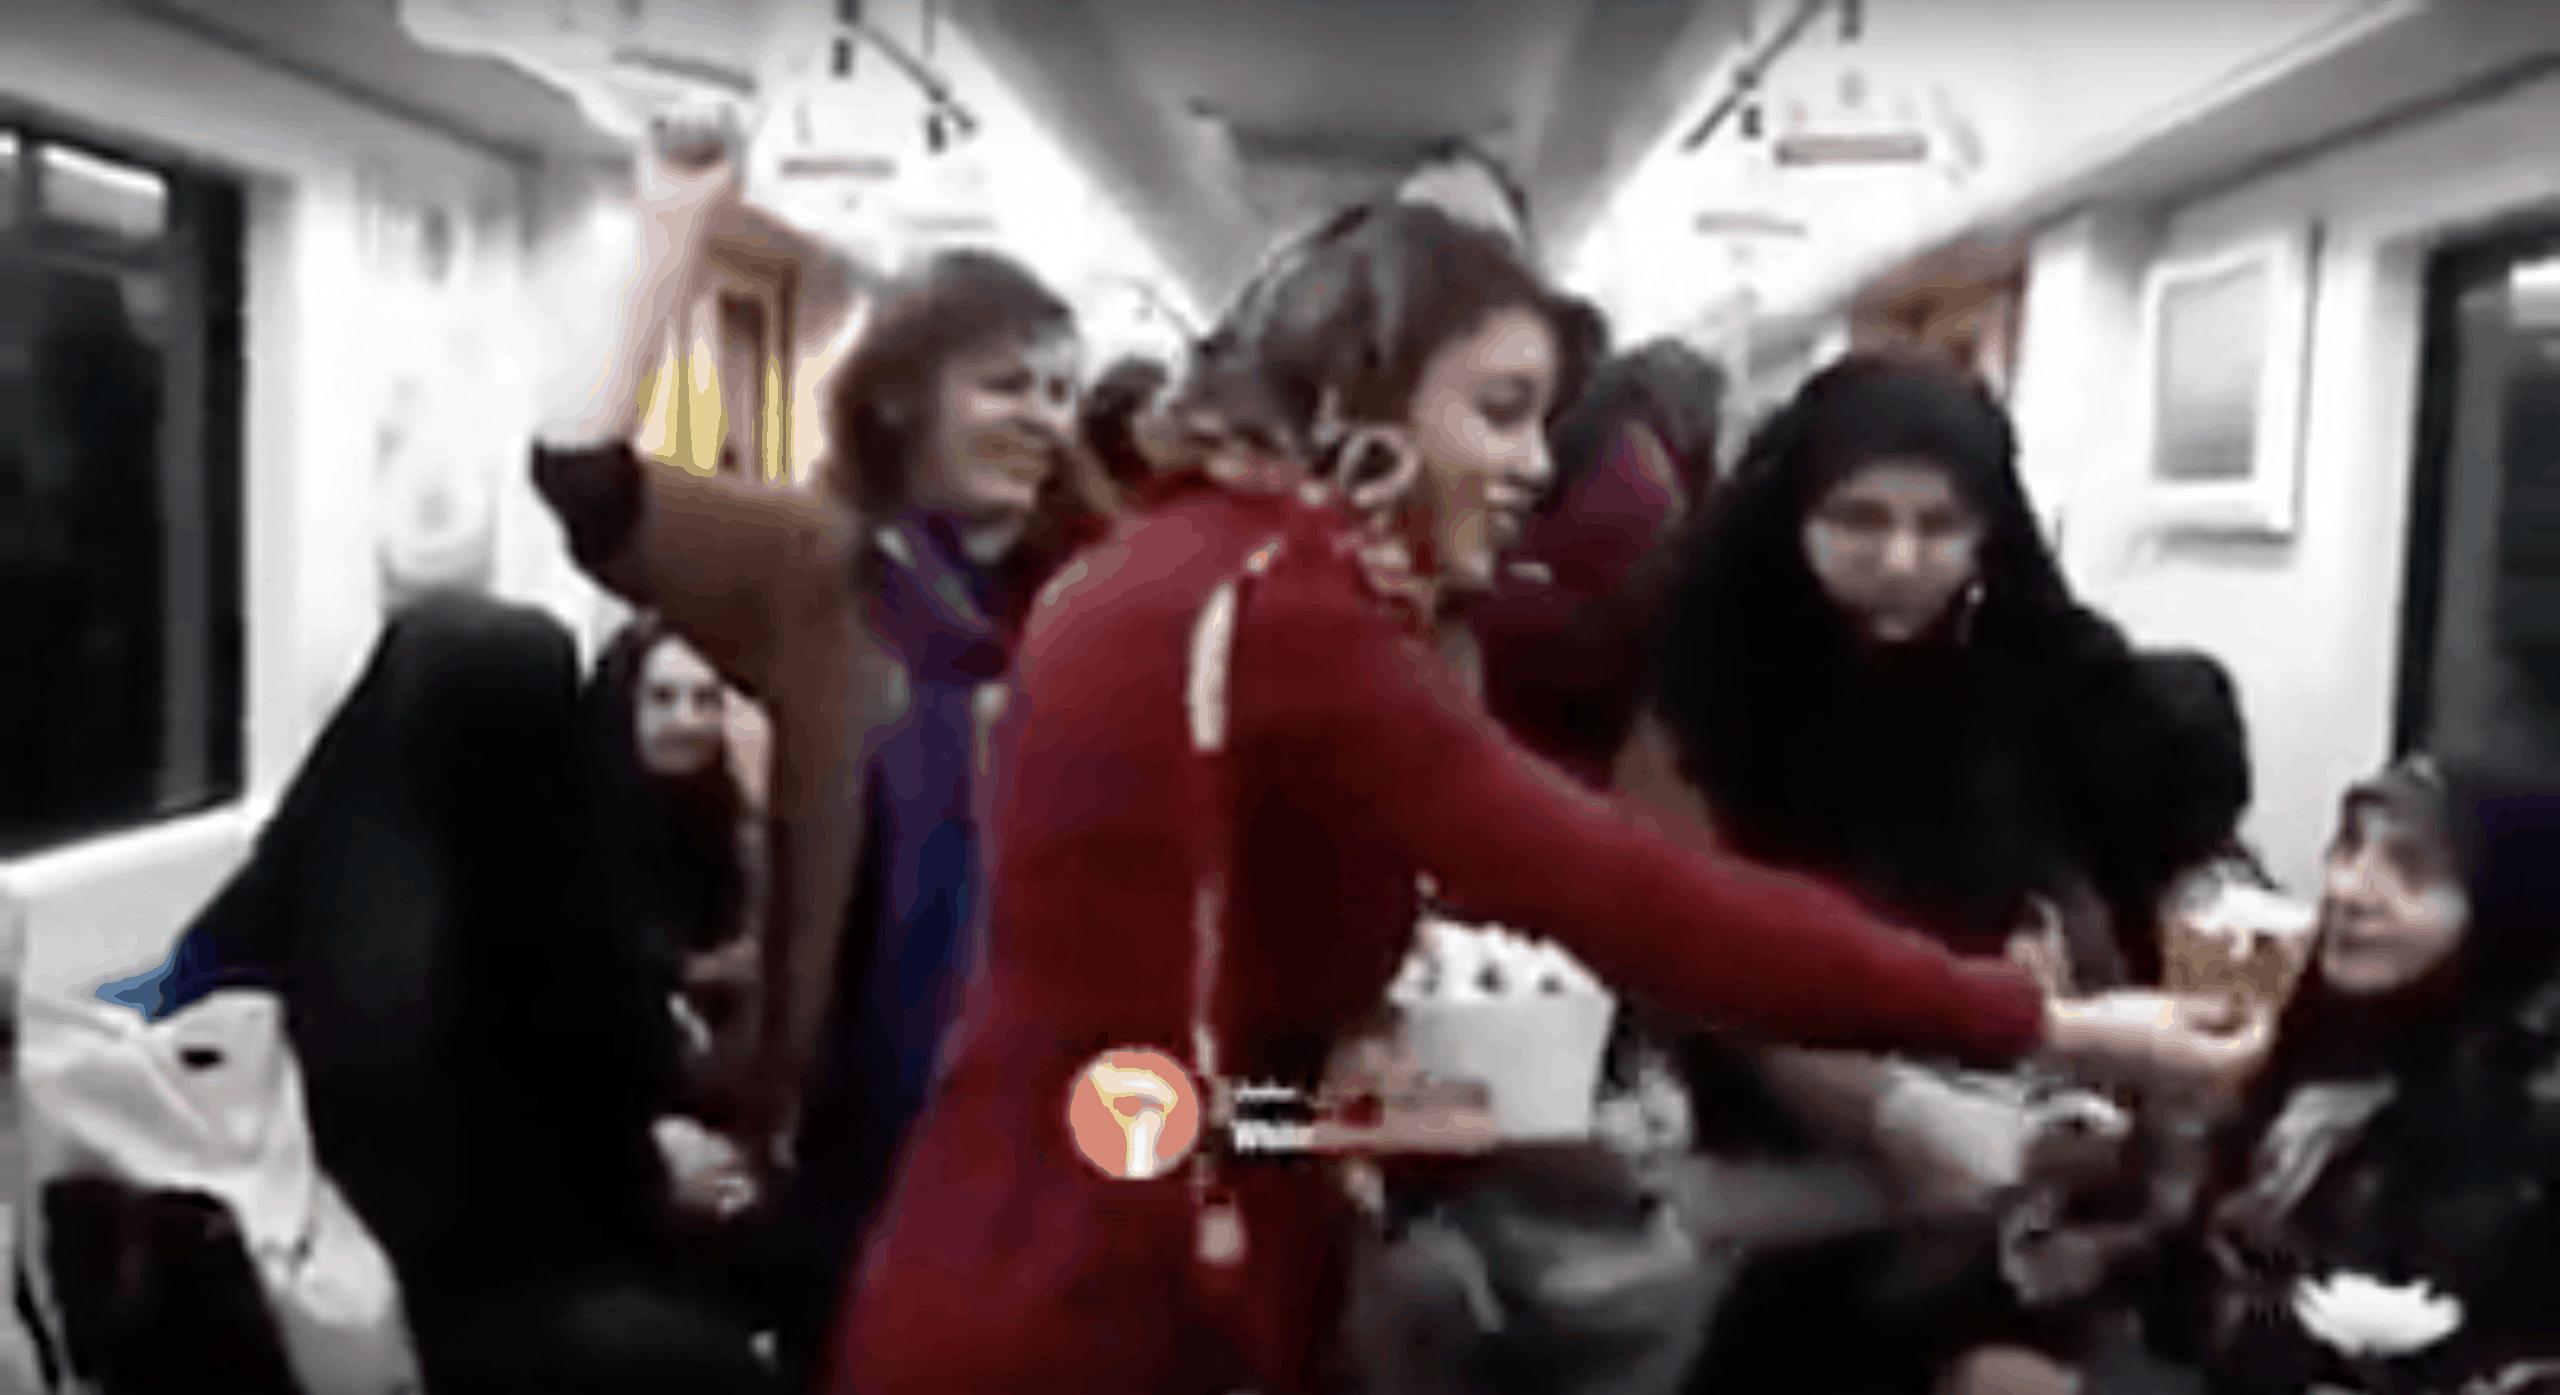 Weltfrauentag im Iran: Aktivistinnen nehmen demonstrativ ihr Kopftuch ab. Quelle: YouTube (Siehe unten)